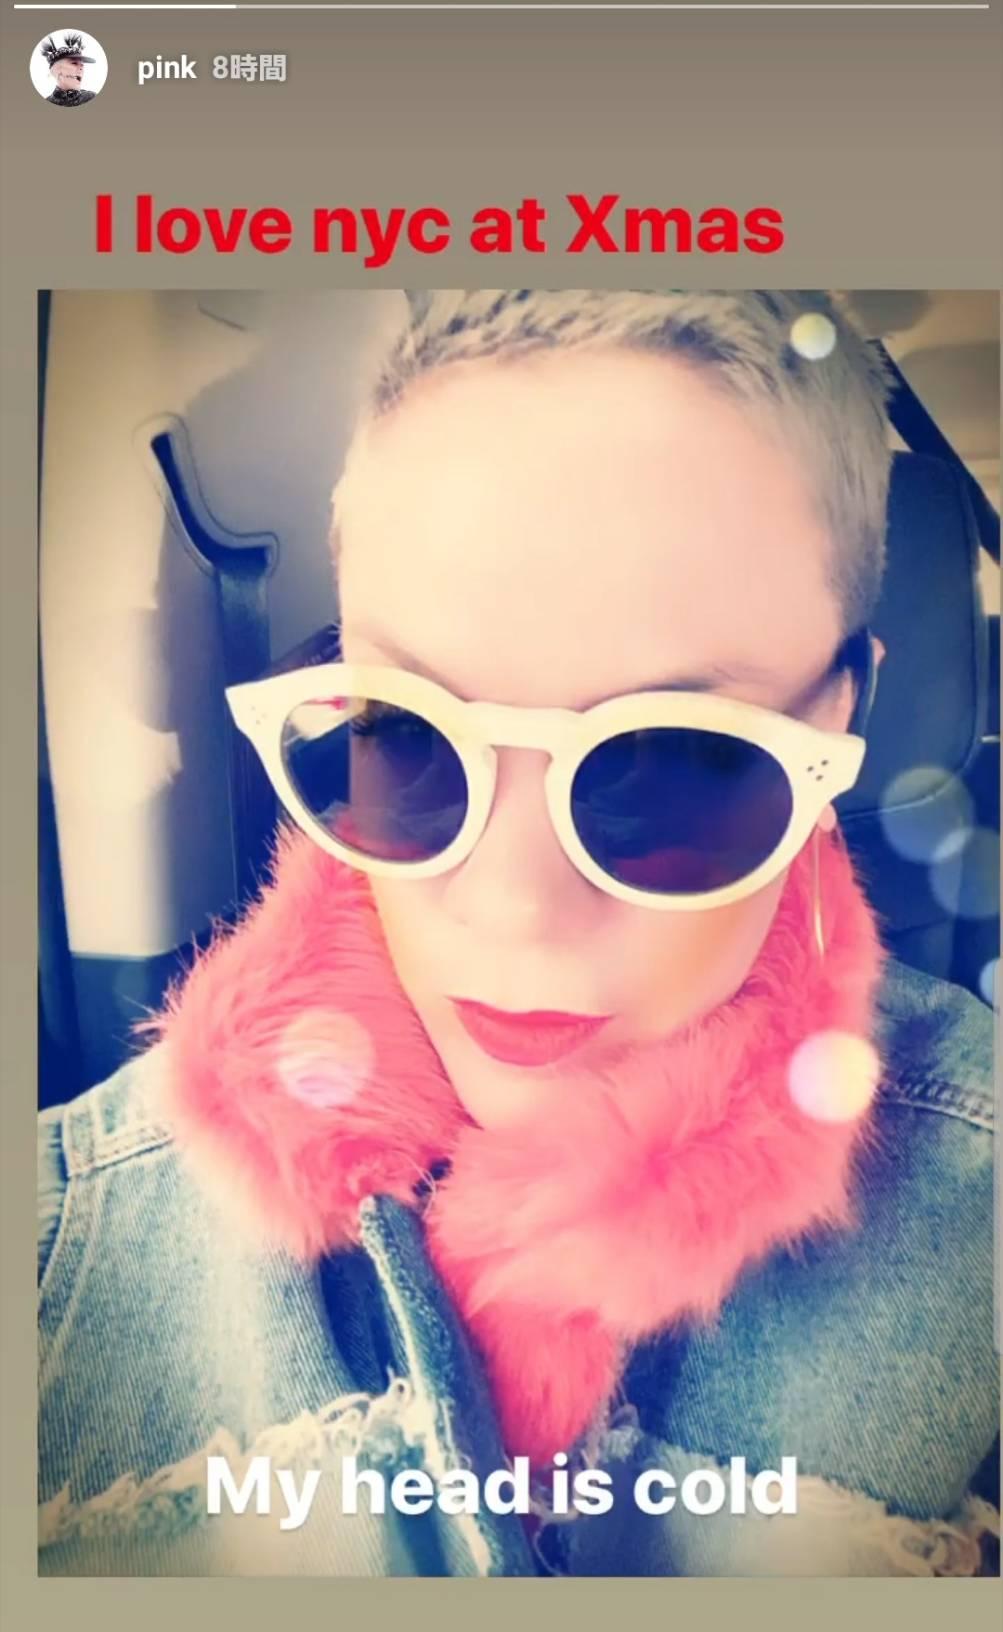 画像2: ピンクのバズカットがかっこいい